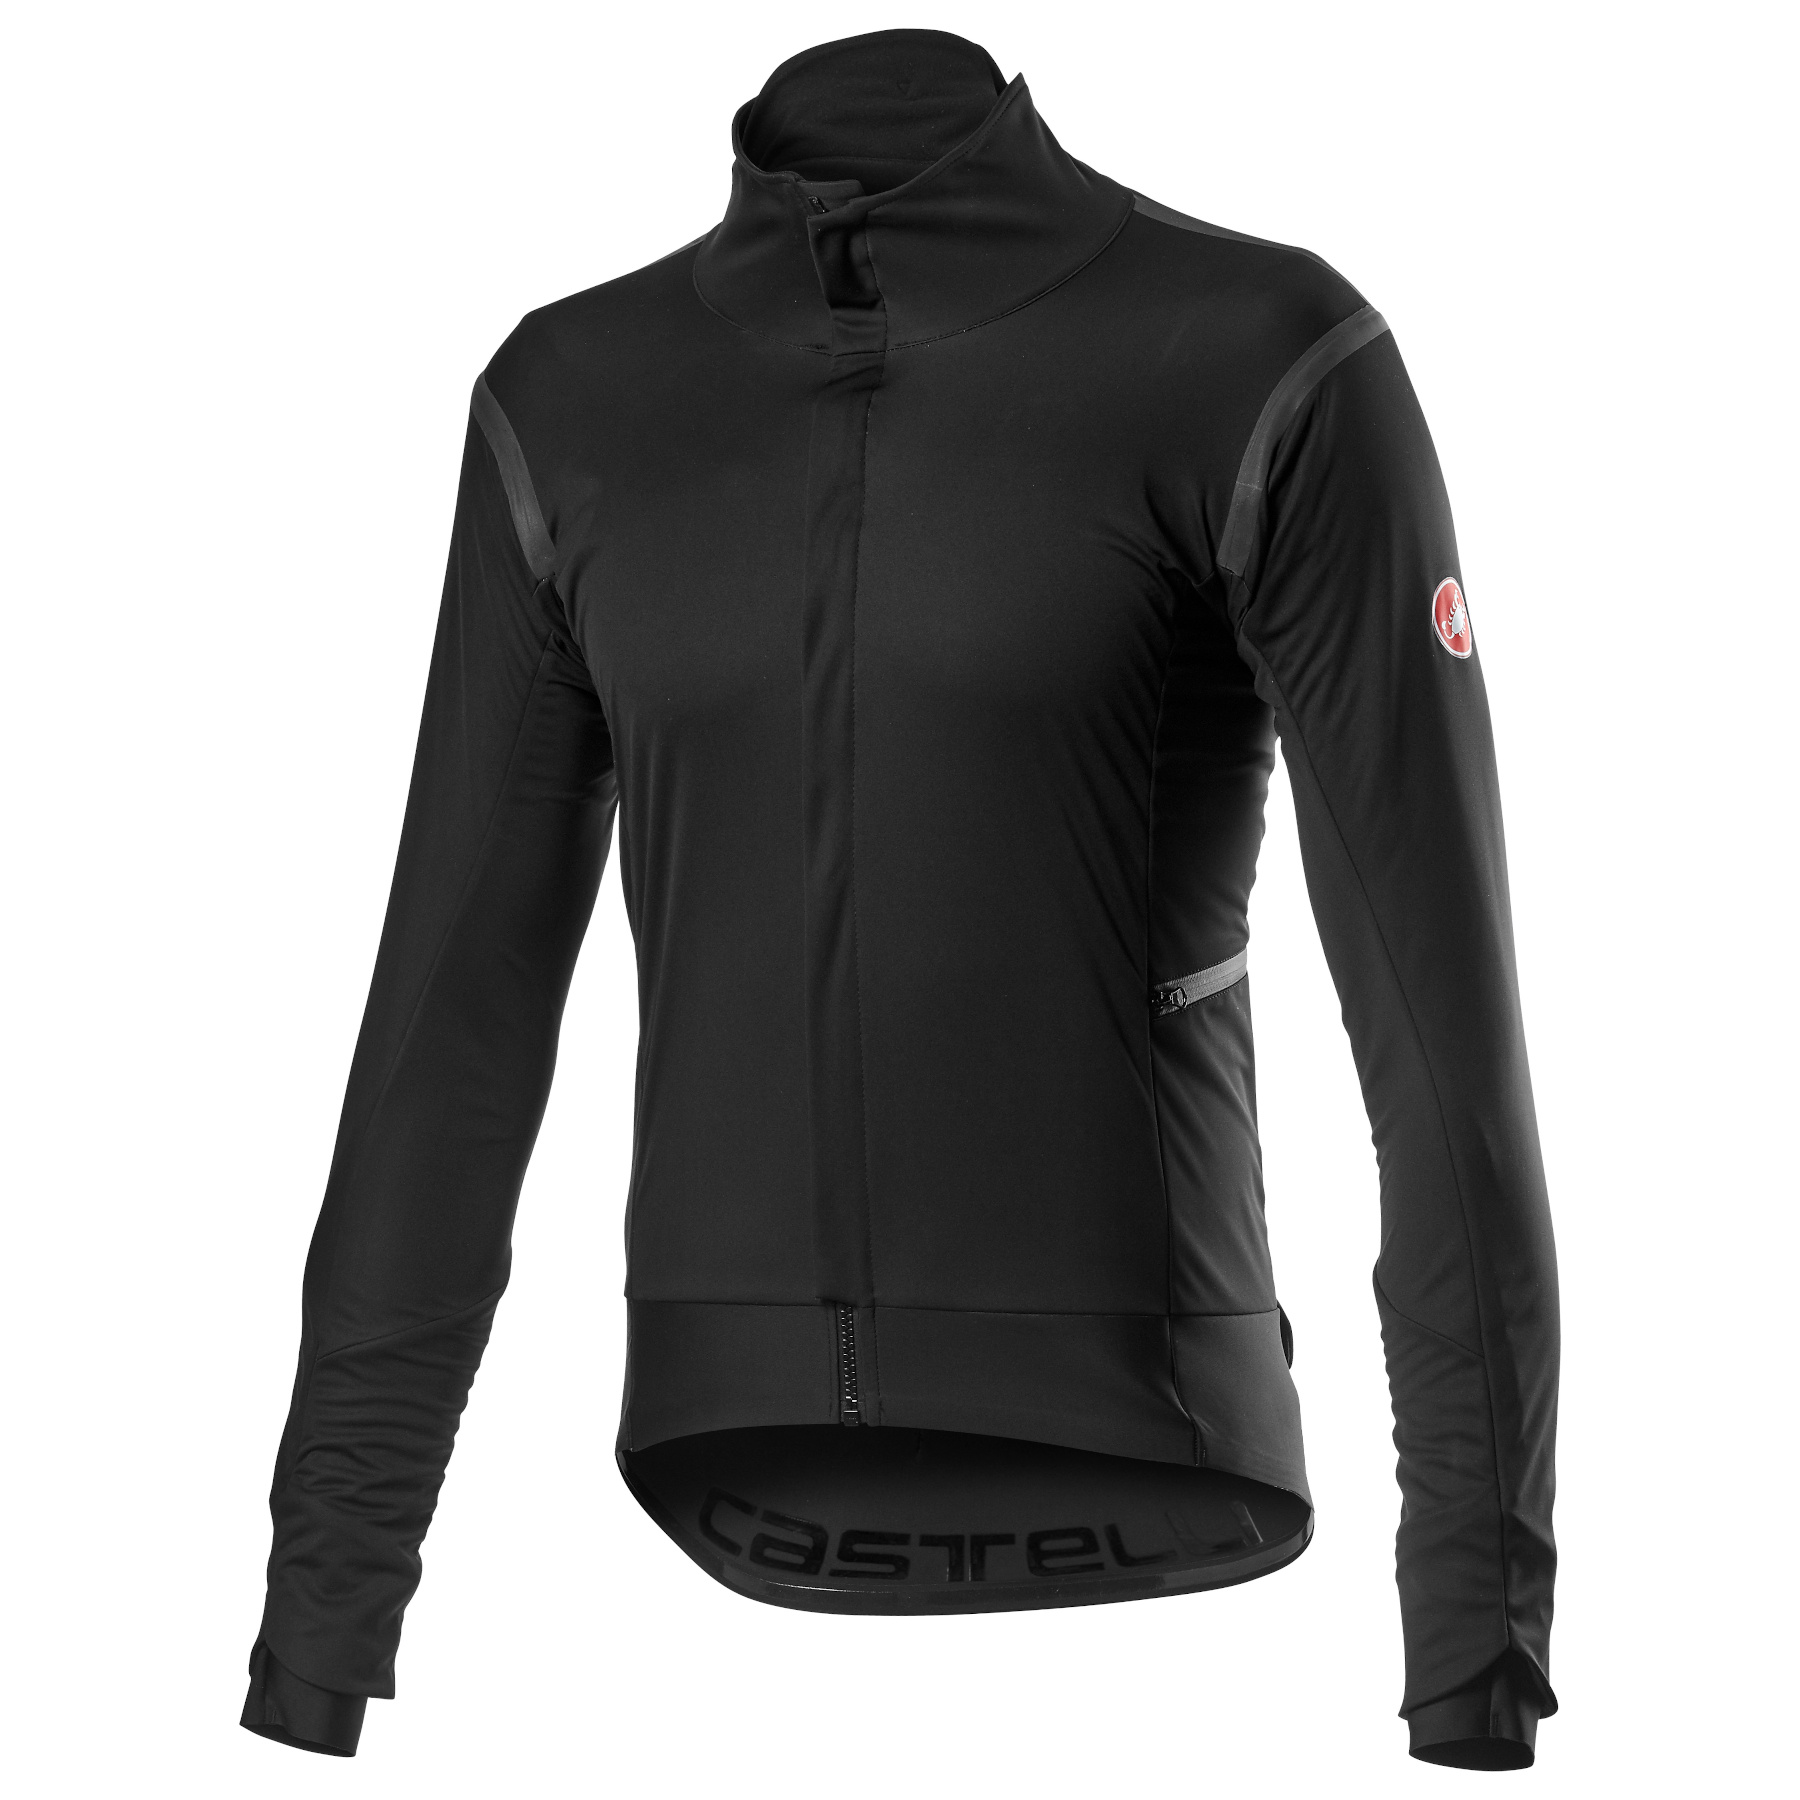 Produktbild von Castelli Alpha RoS 2 Jacke - light black 085